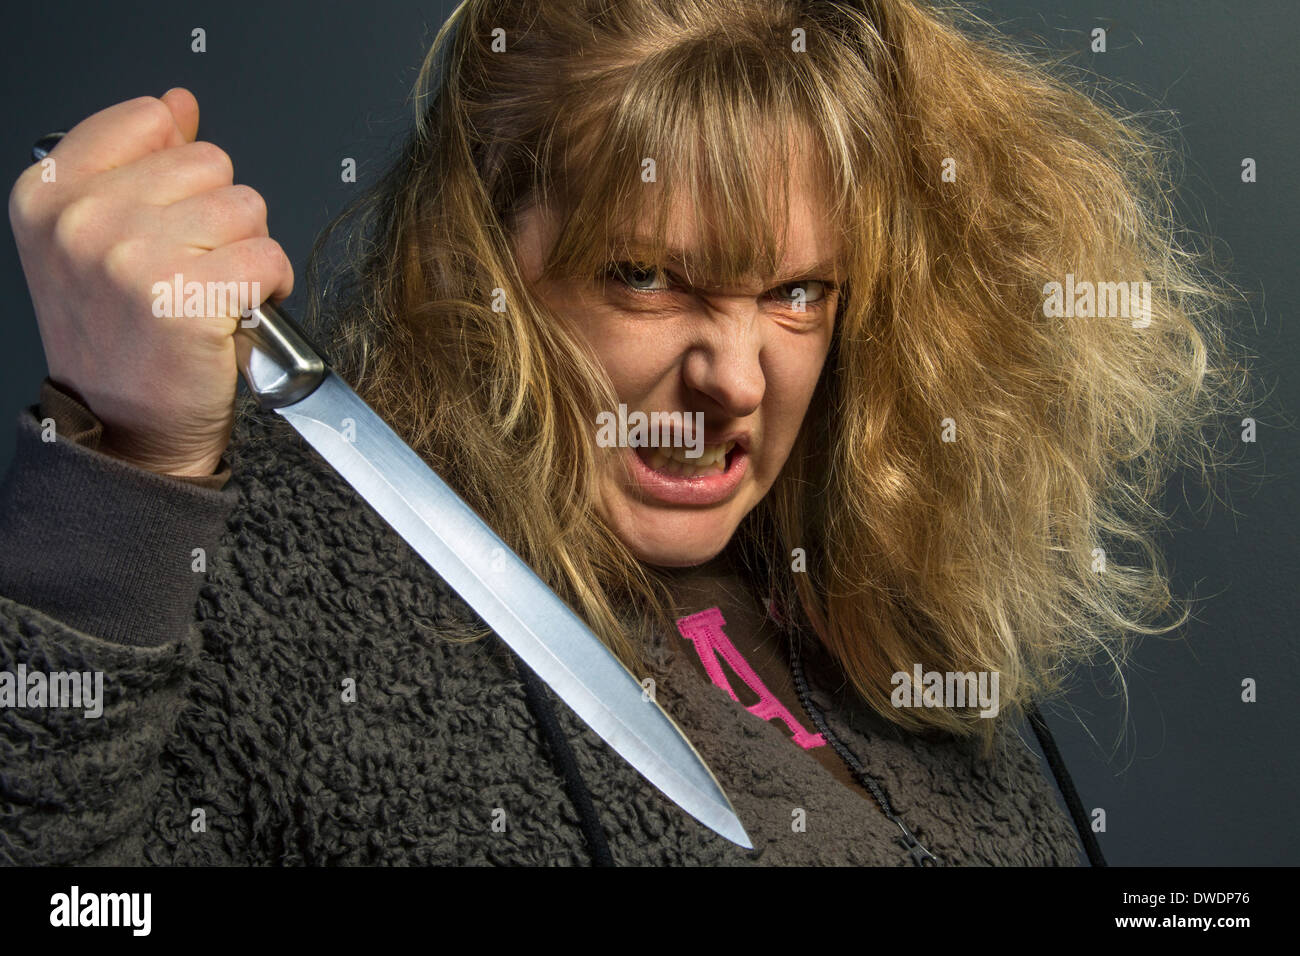 Fou d'une jeune femme psychotique - la violence domestique Photo Stock